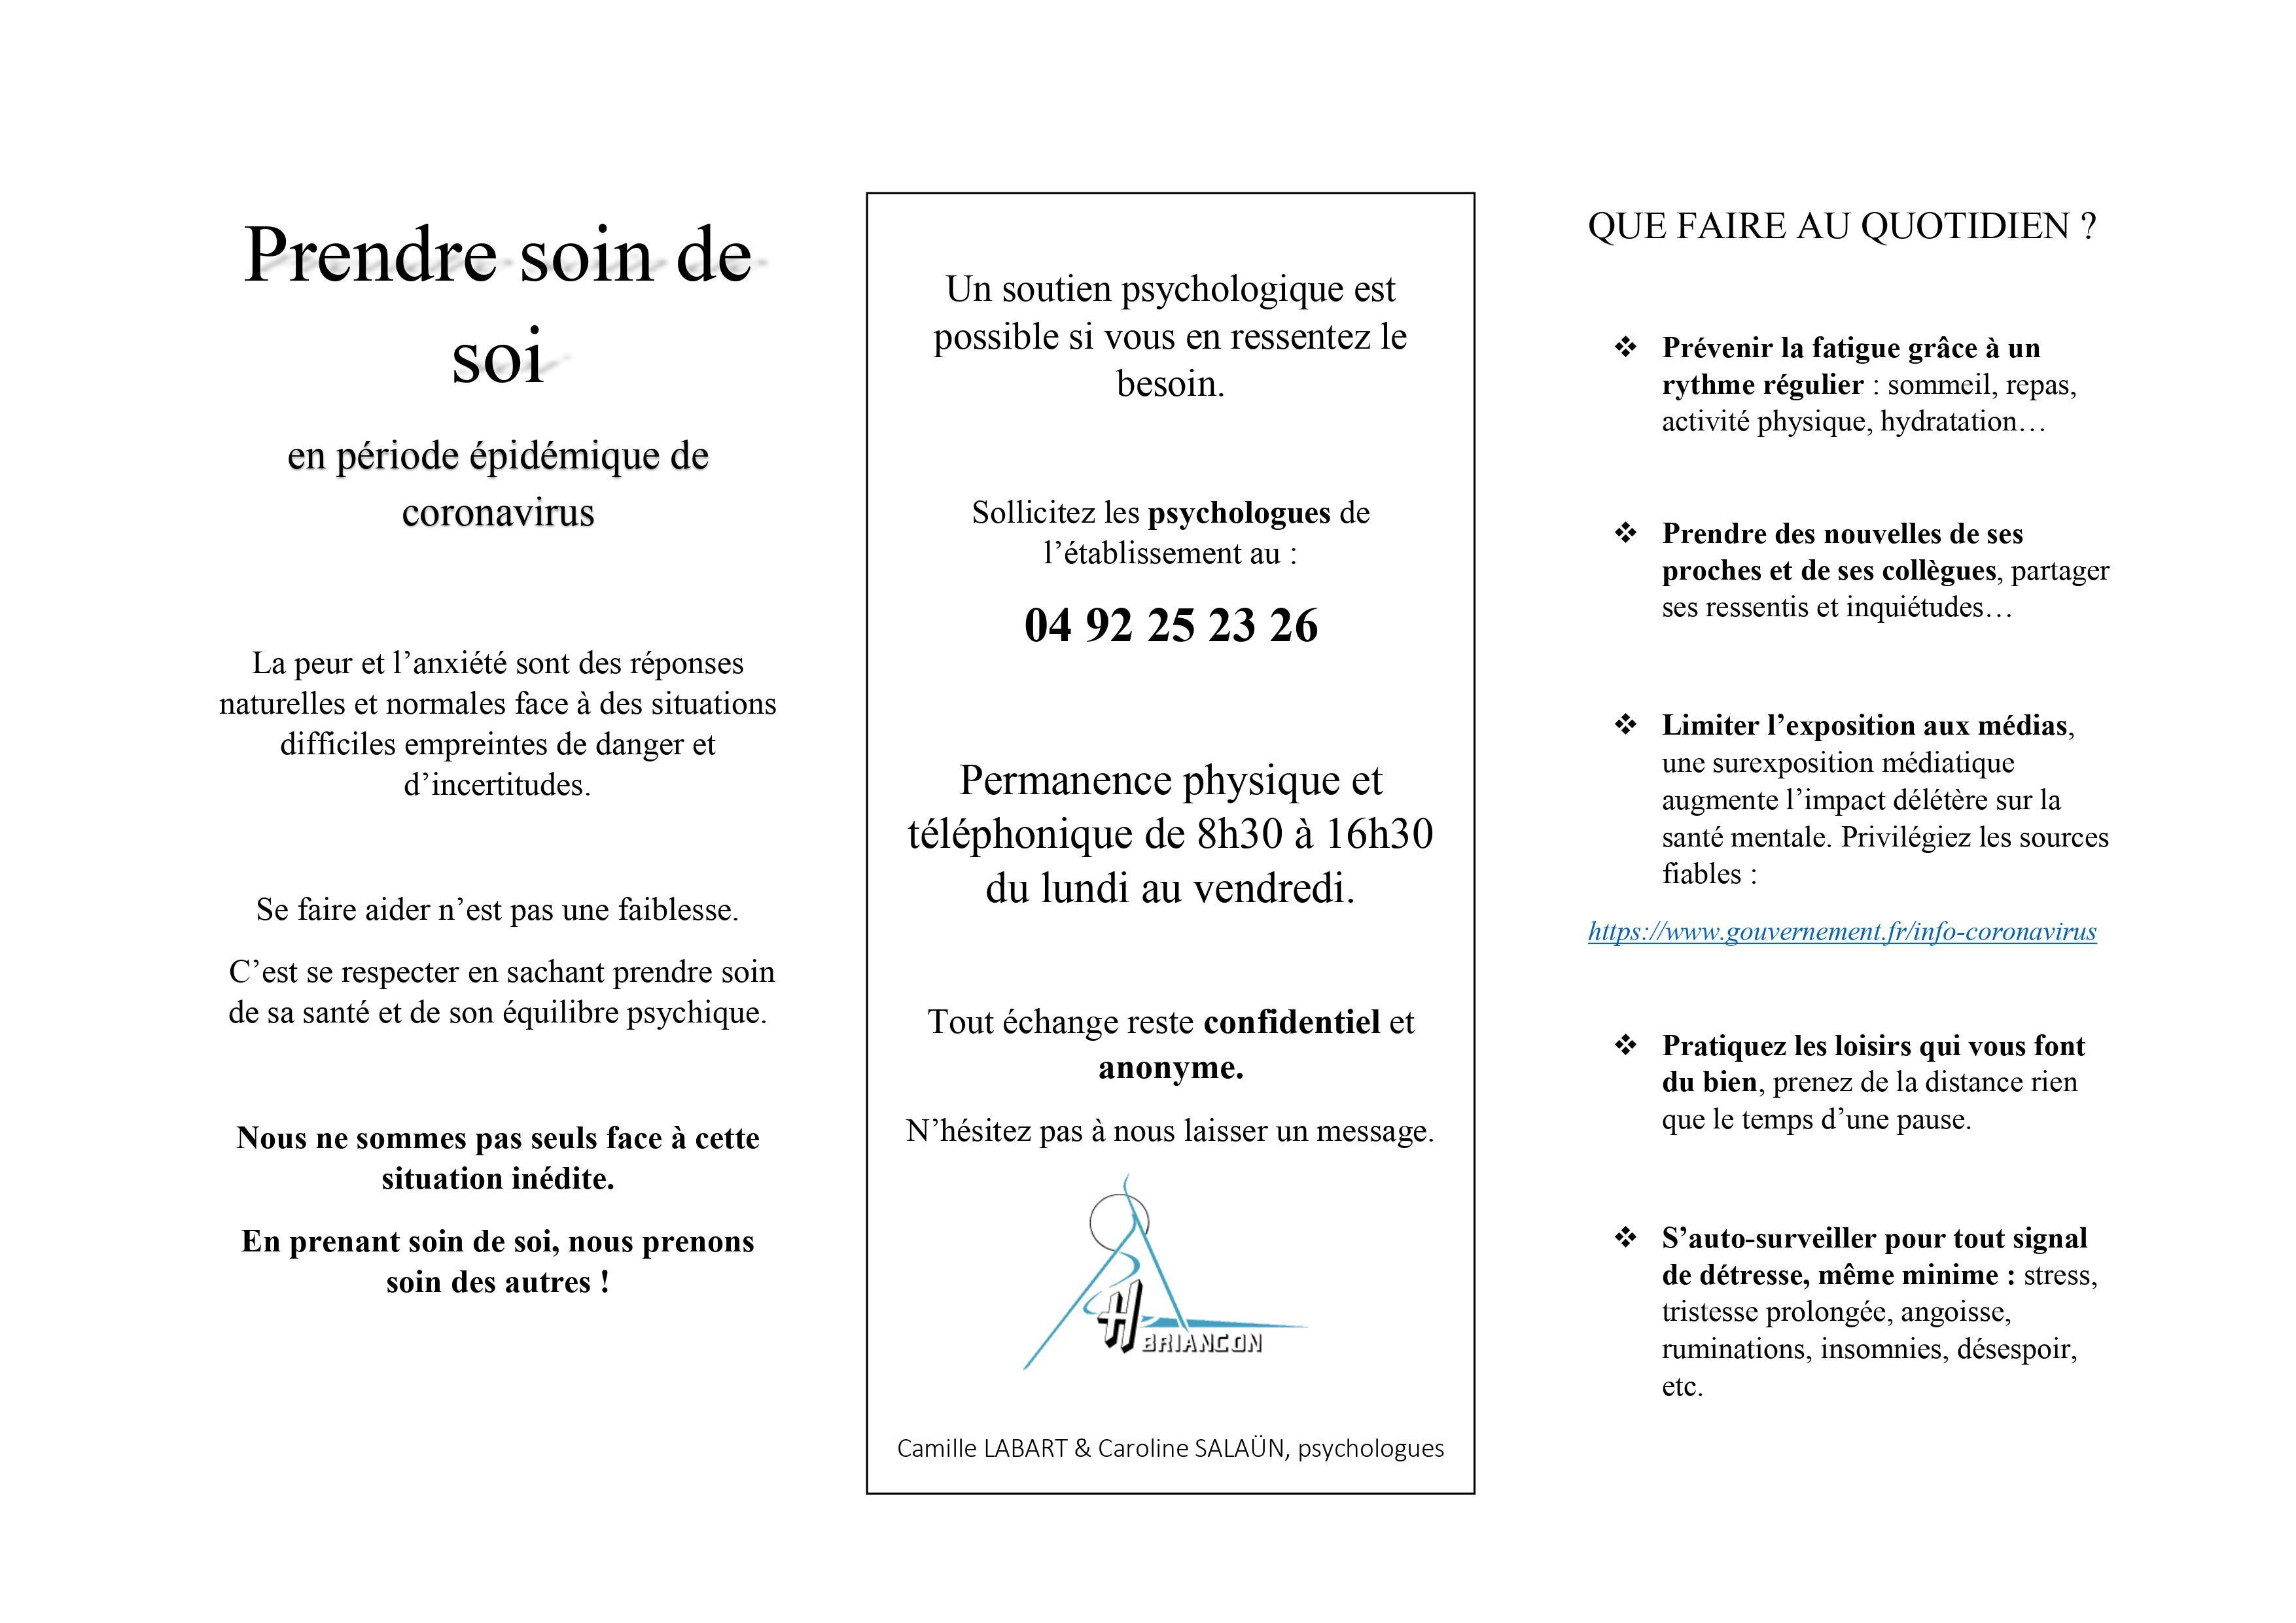 plaquette_psychologues_-_prendre_soin_de_soi_2020.04.16.jpg